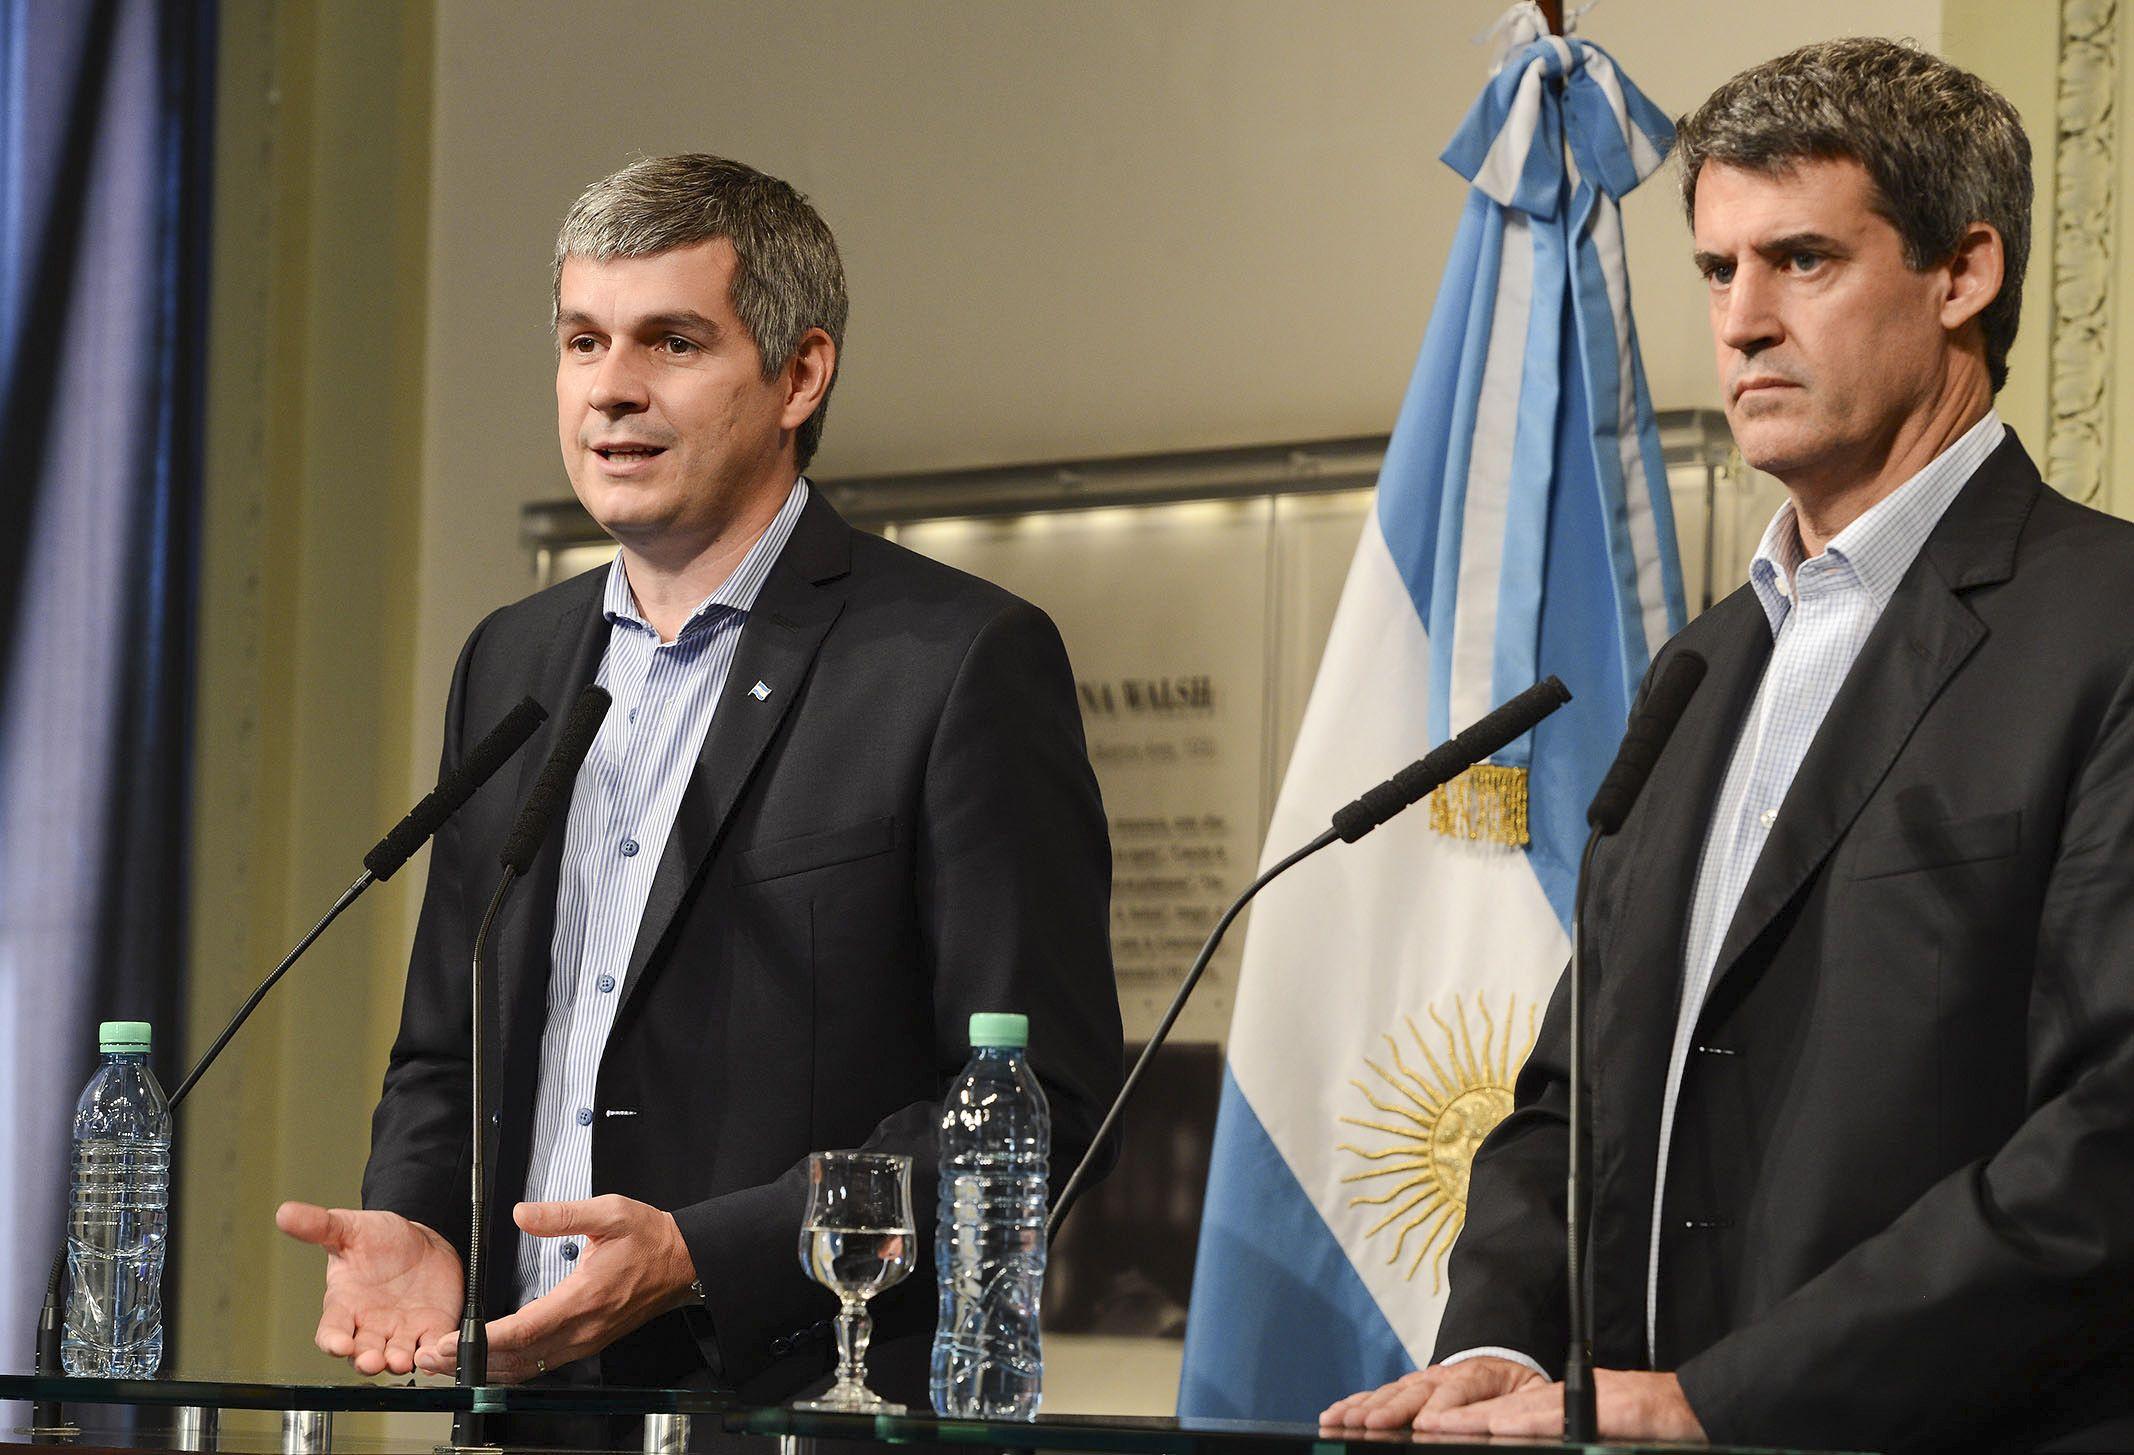 Voz oficial. Peña buscó enfriar el debate sobre techos salariales. Prat Gay dio su versión sobre la inflación. (NA)